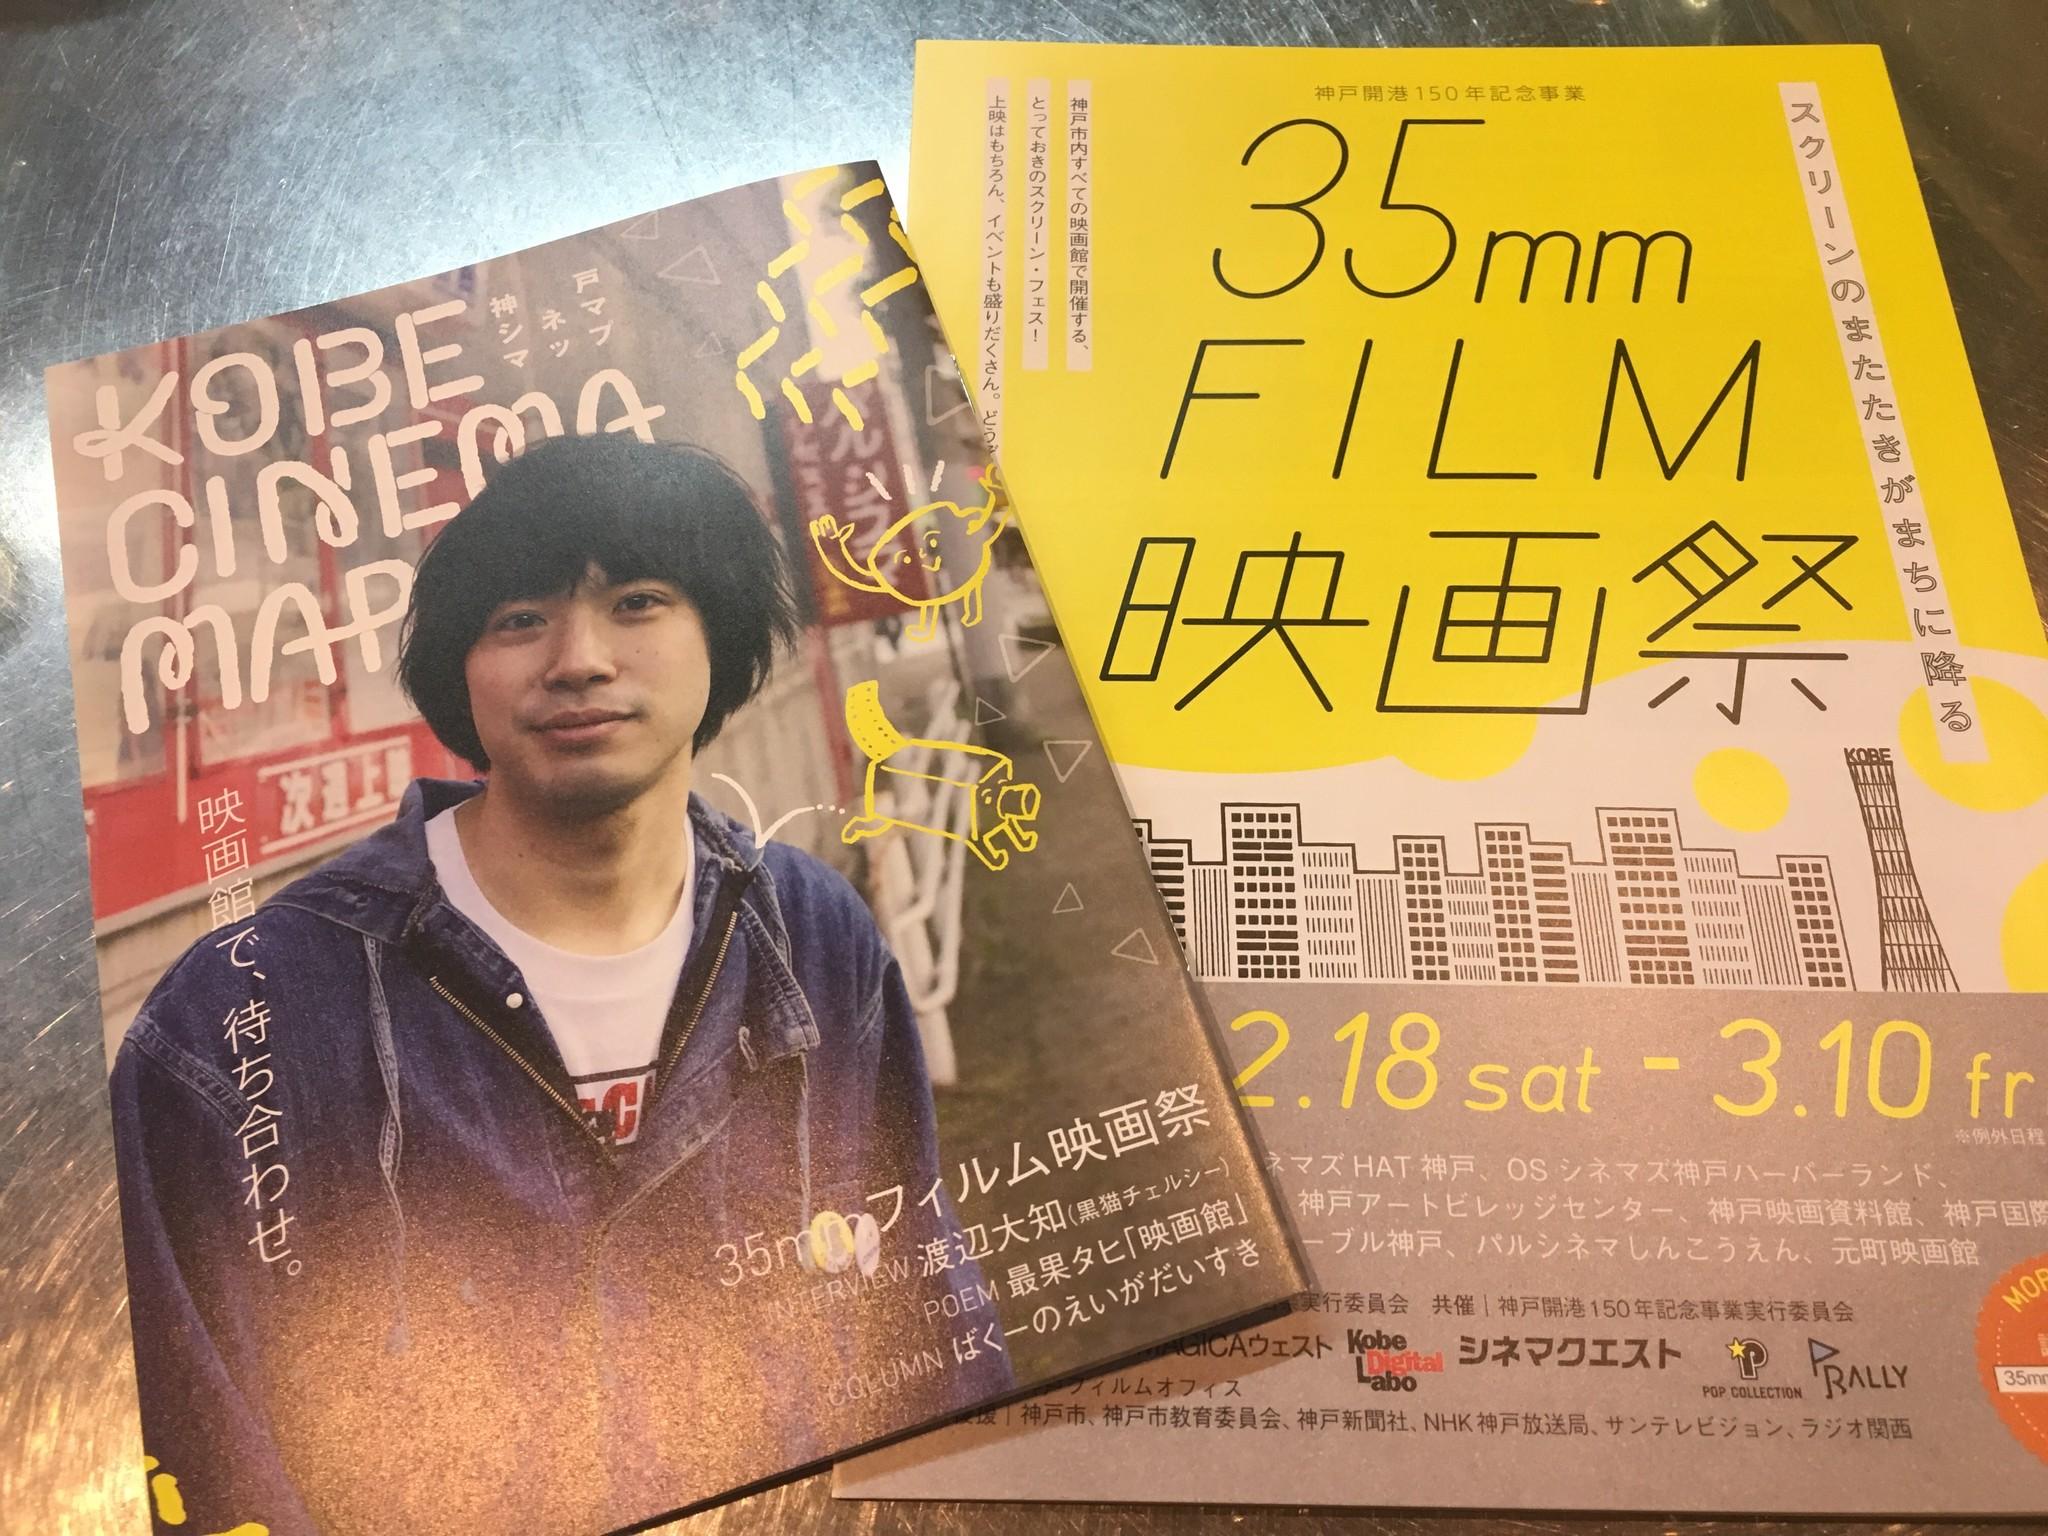 神戸で開催中の35mmフィルム映画祭